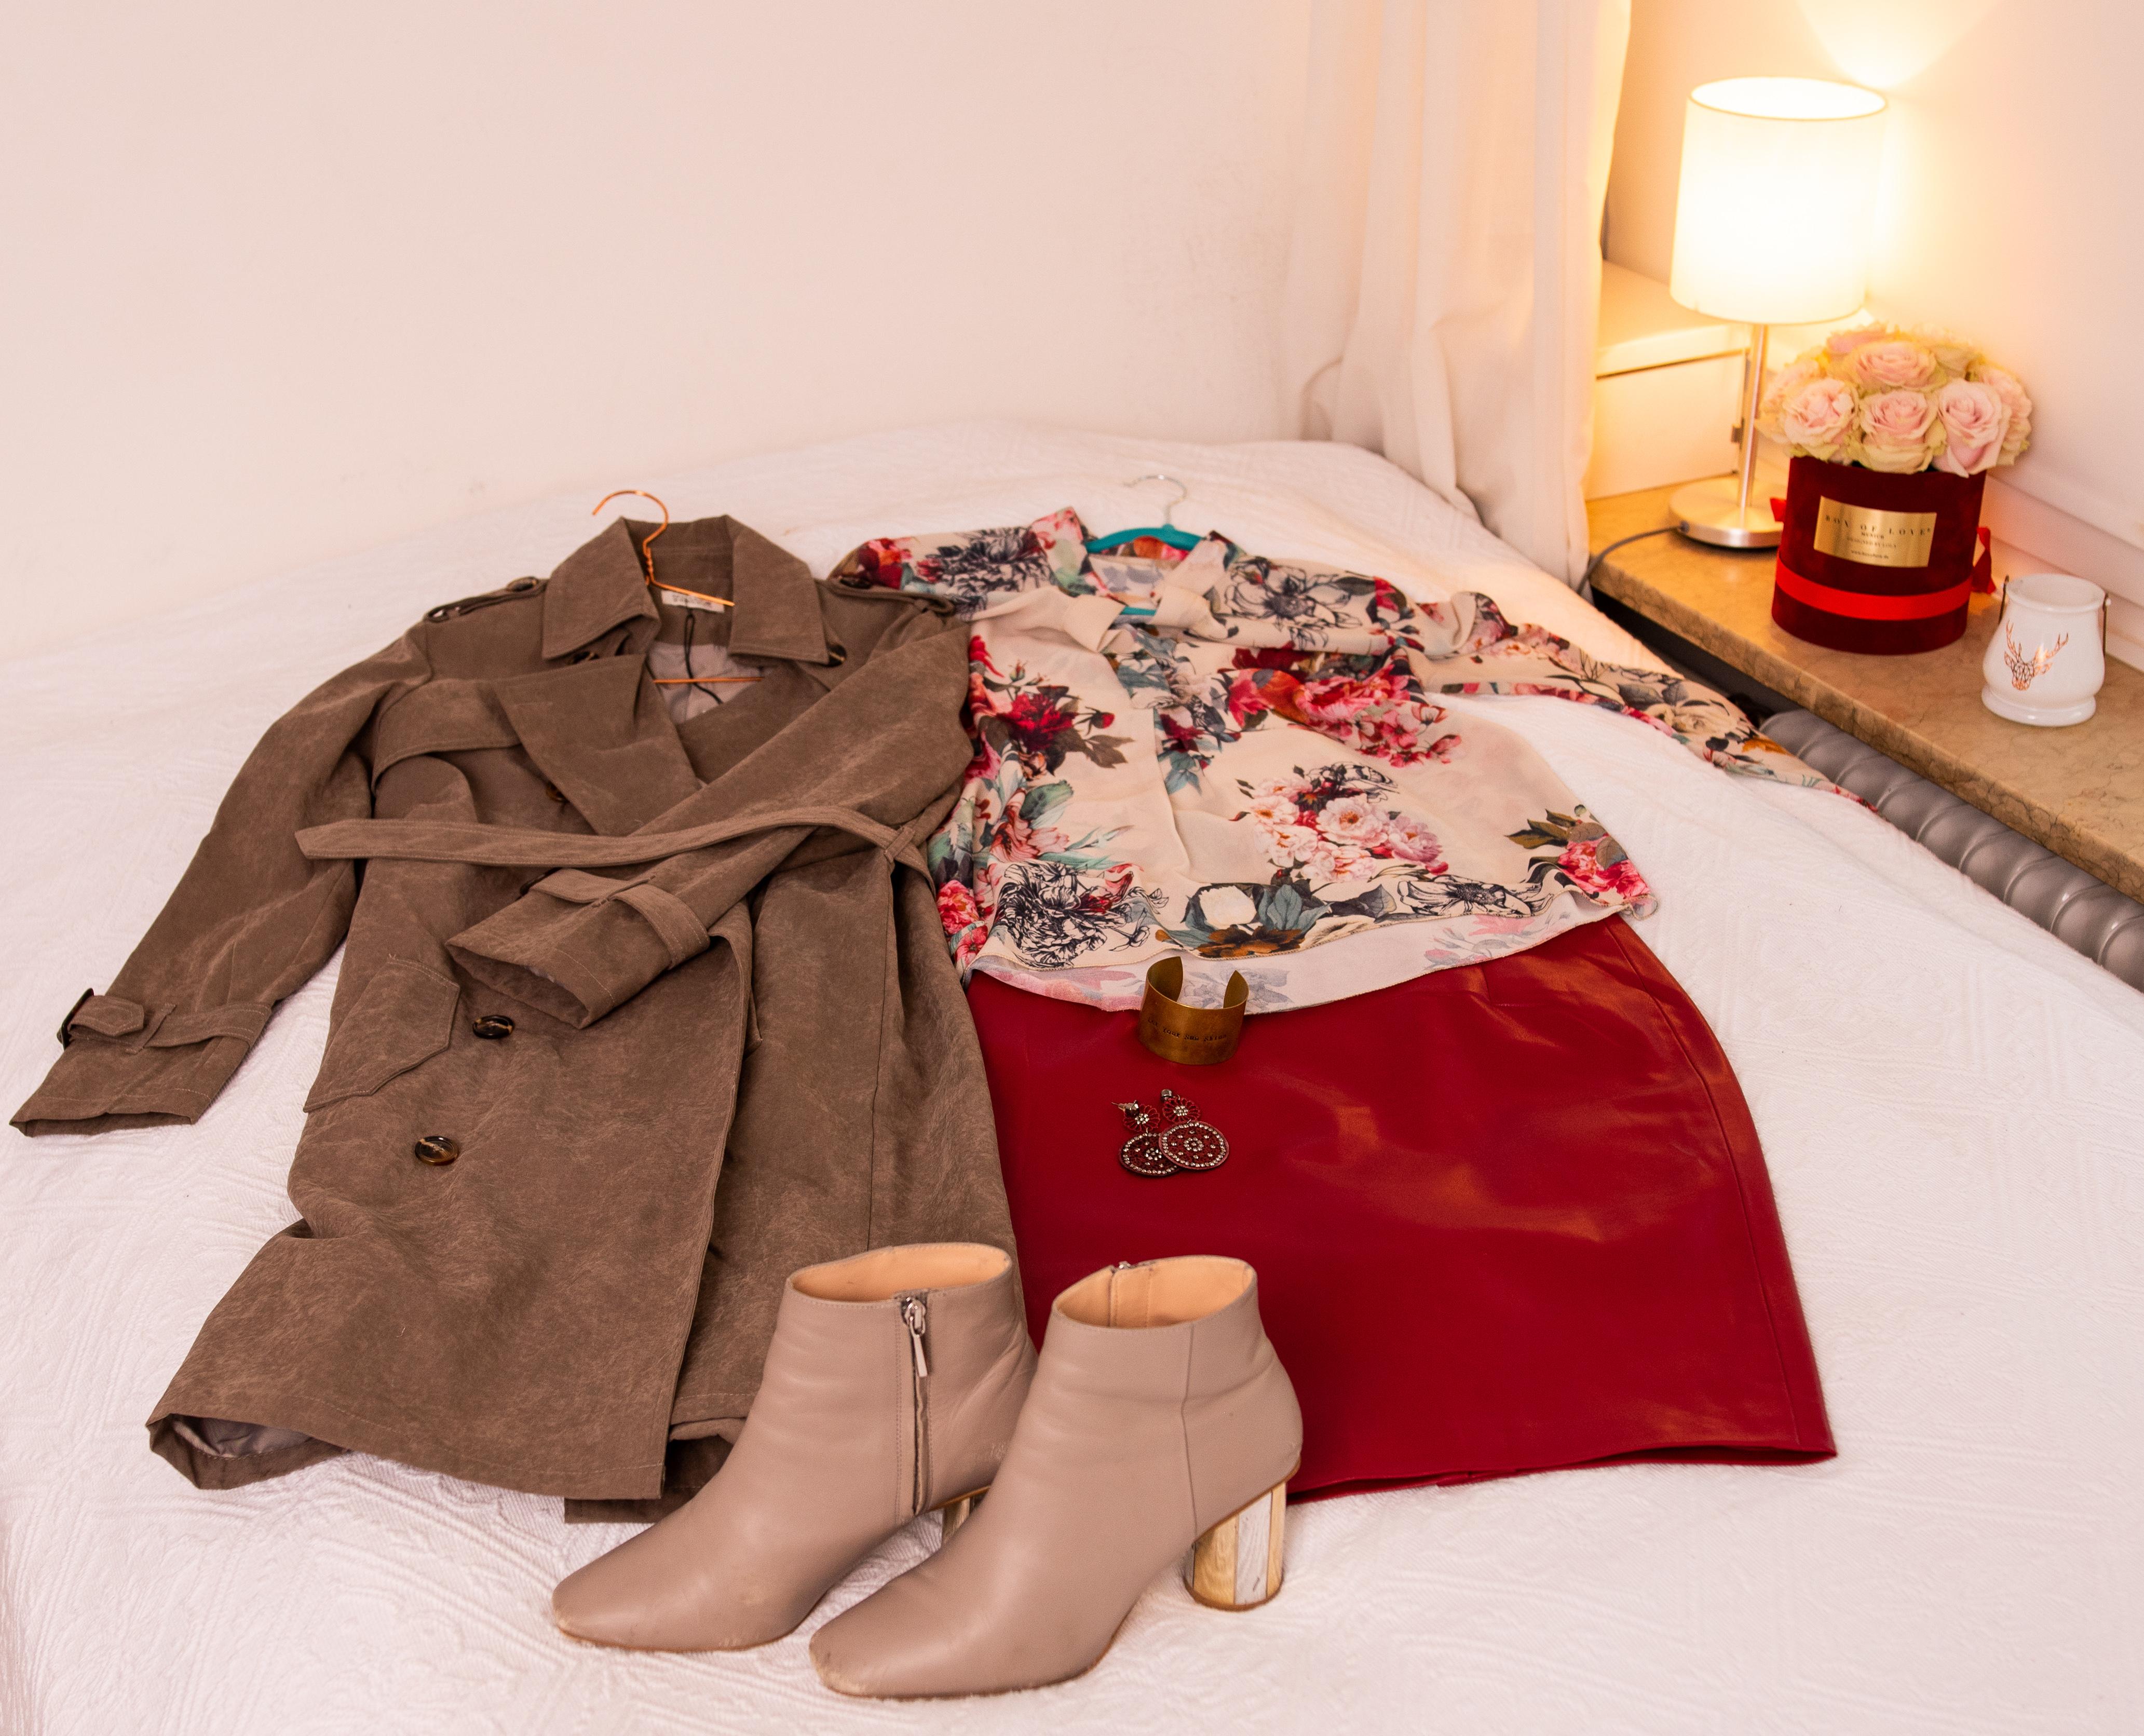 Kleiderschrank Check, Style Coaching, Neuer Look - Outfitkombination von Jasmin Leheta für ihre Kundin Nathalie Dorff von Fashiondeluxxe